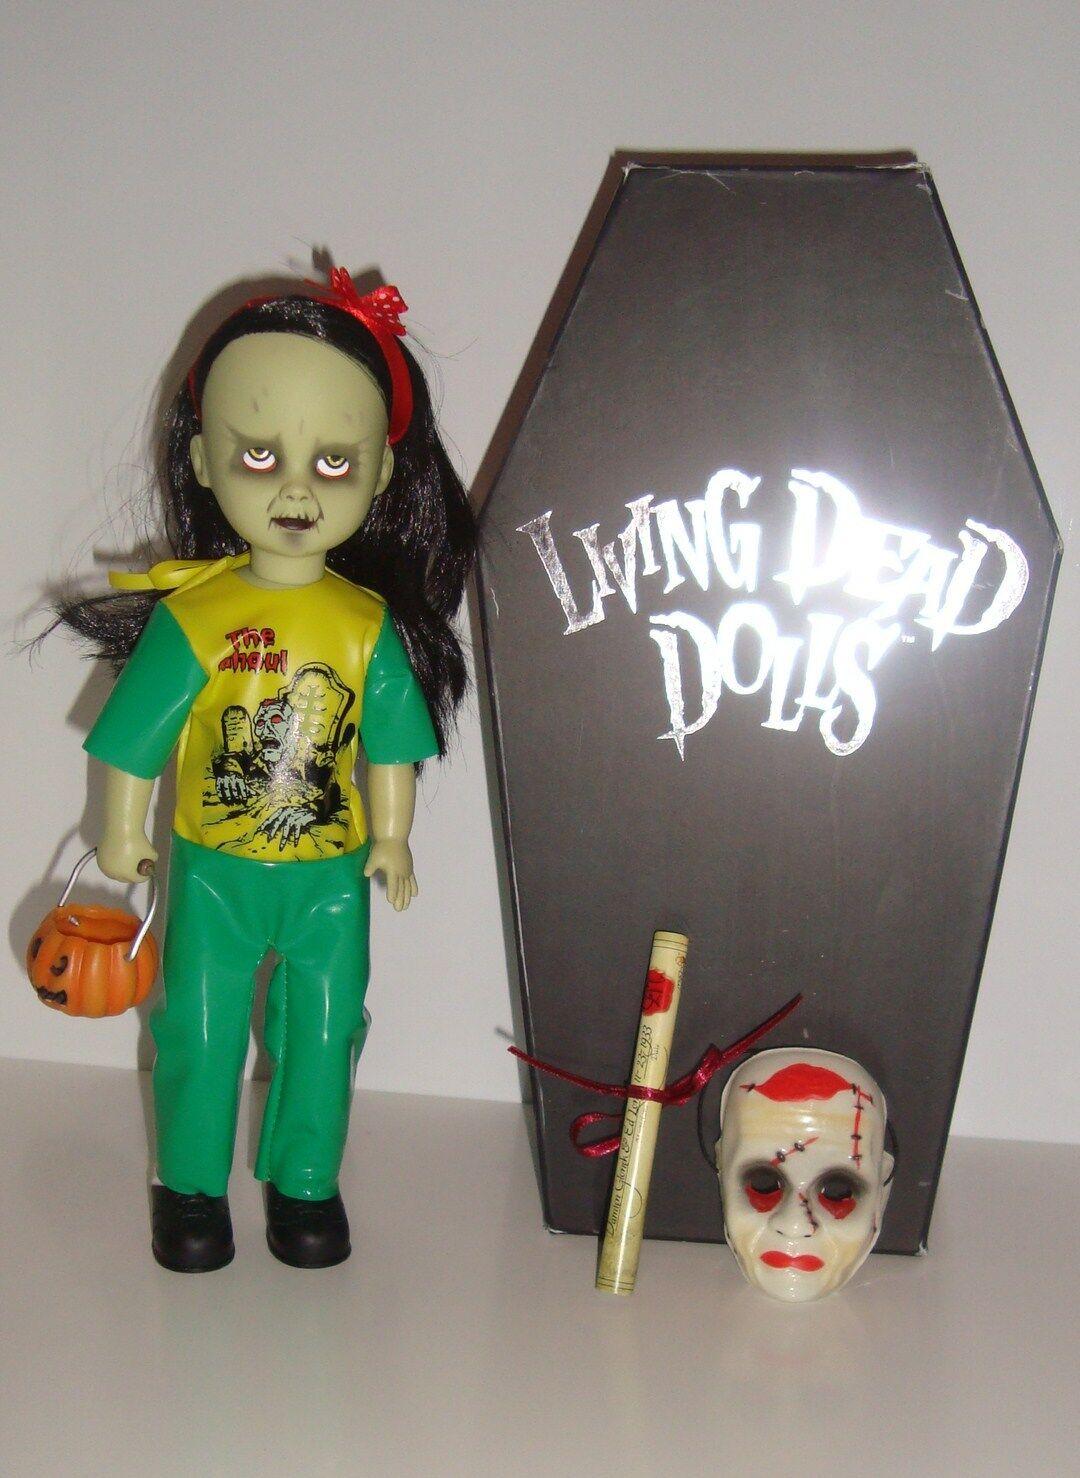 Living Dead Dolls Mezco Spielzeug Spielzeug Spielzeug Gabriella Halloween in Schachtel Boxed ( 6a4975